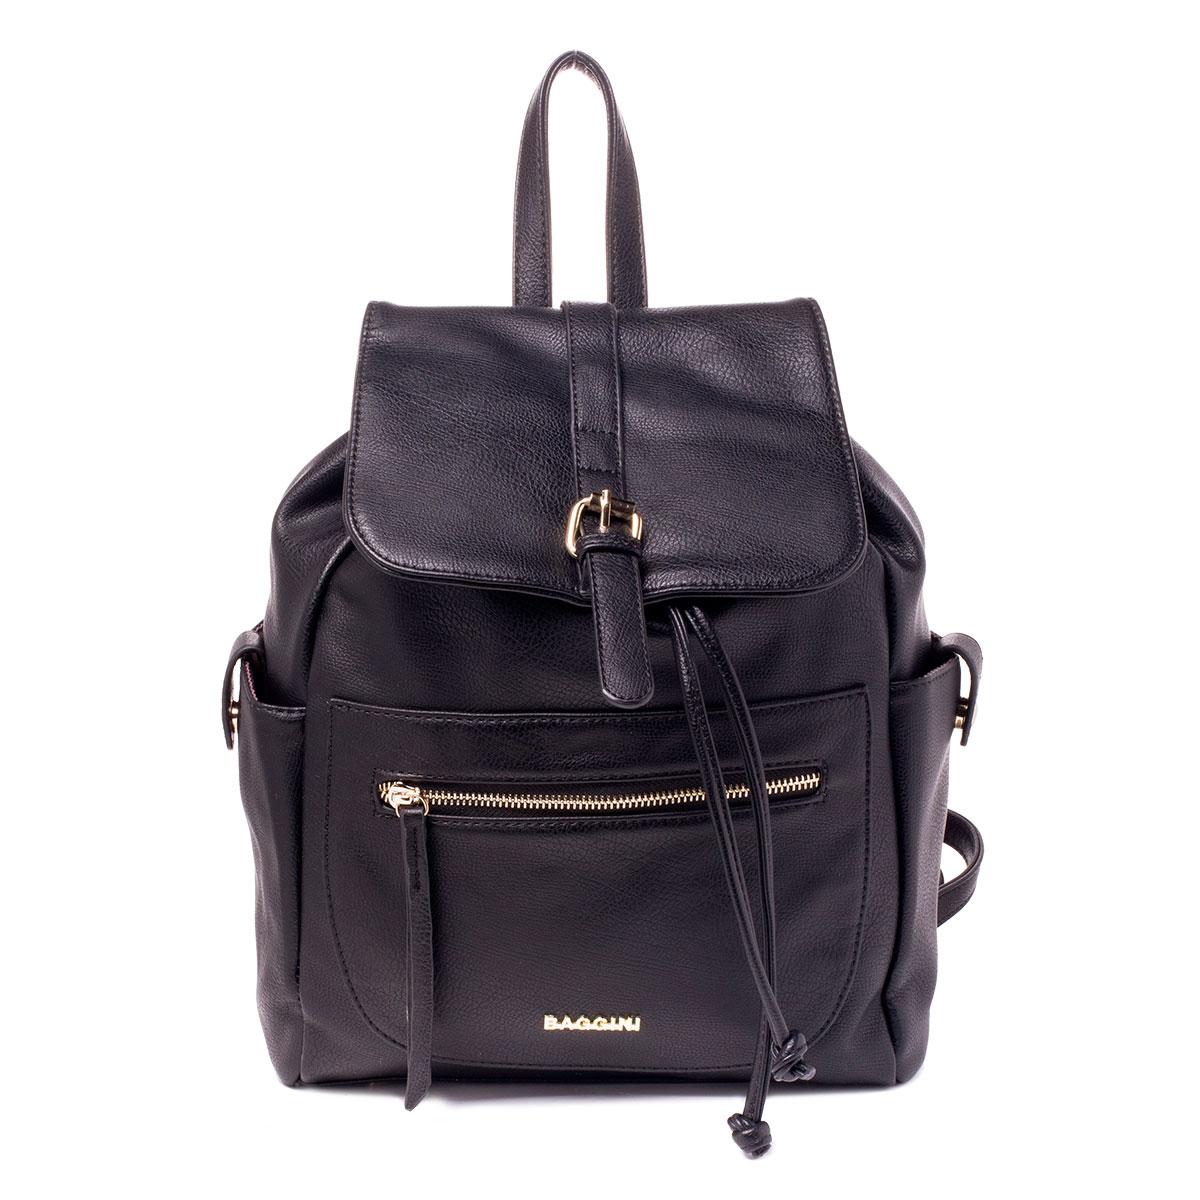 Сумка-рюкзак женская Baggini, цвет: черный. 29719/1029719/10Рюкзак жен., иск. кожа